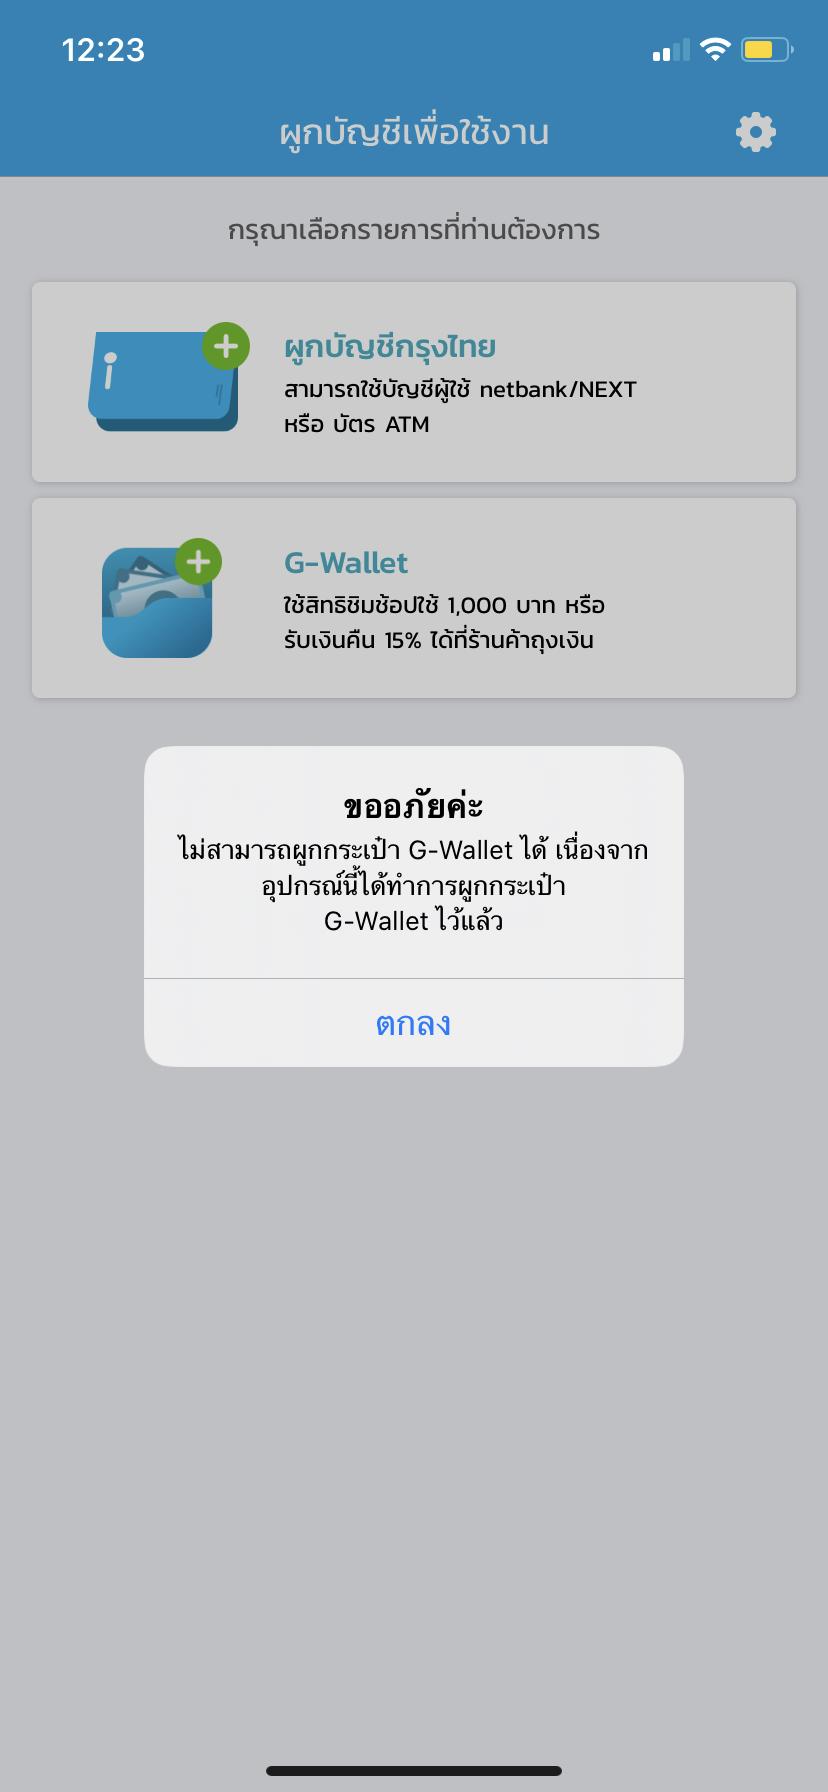 กดออกจากระบบแอพเป๋าตัง แล้วใช้ไม่ได้ ทำยังไงได้บ้างคะ - Pantip